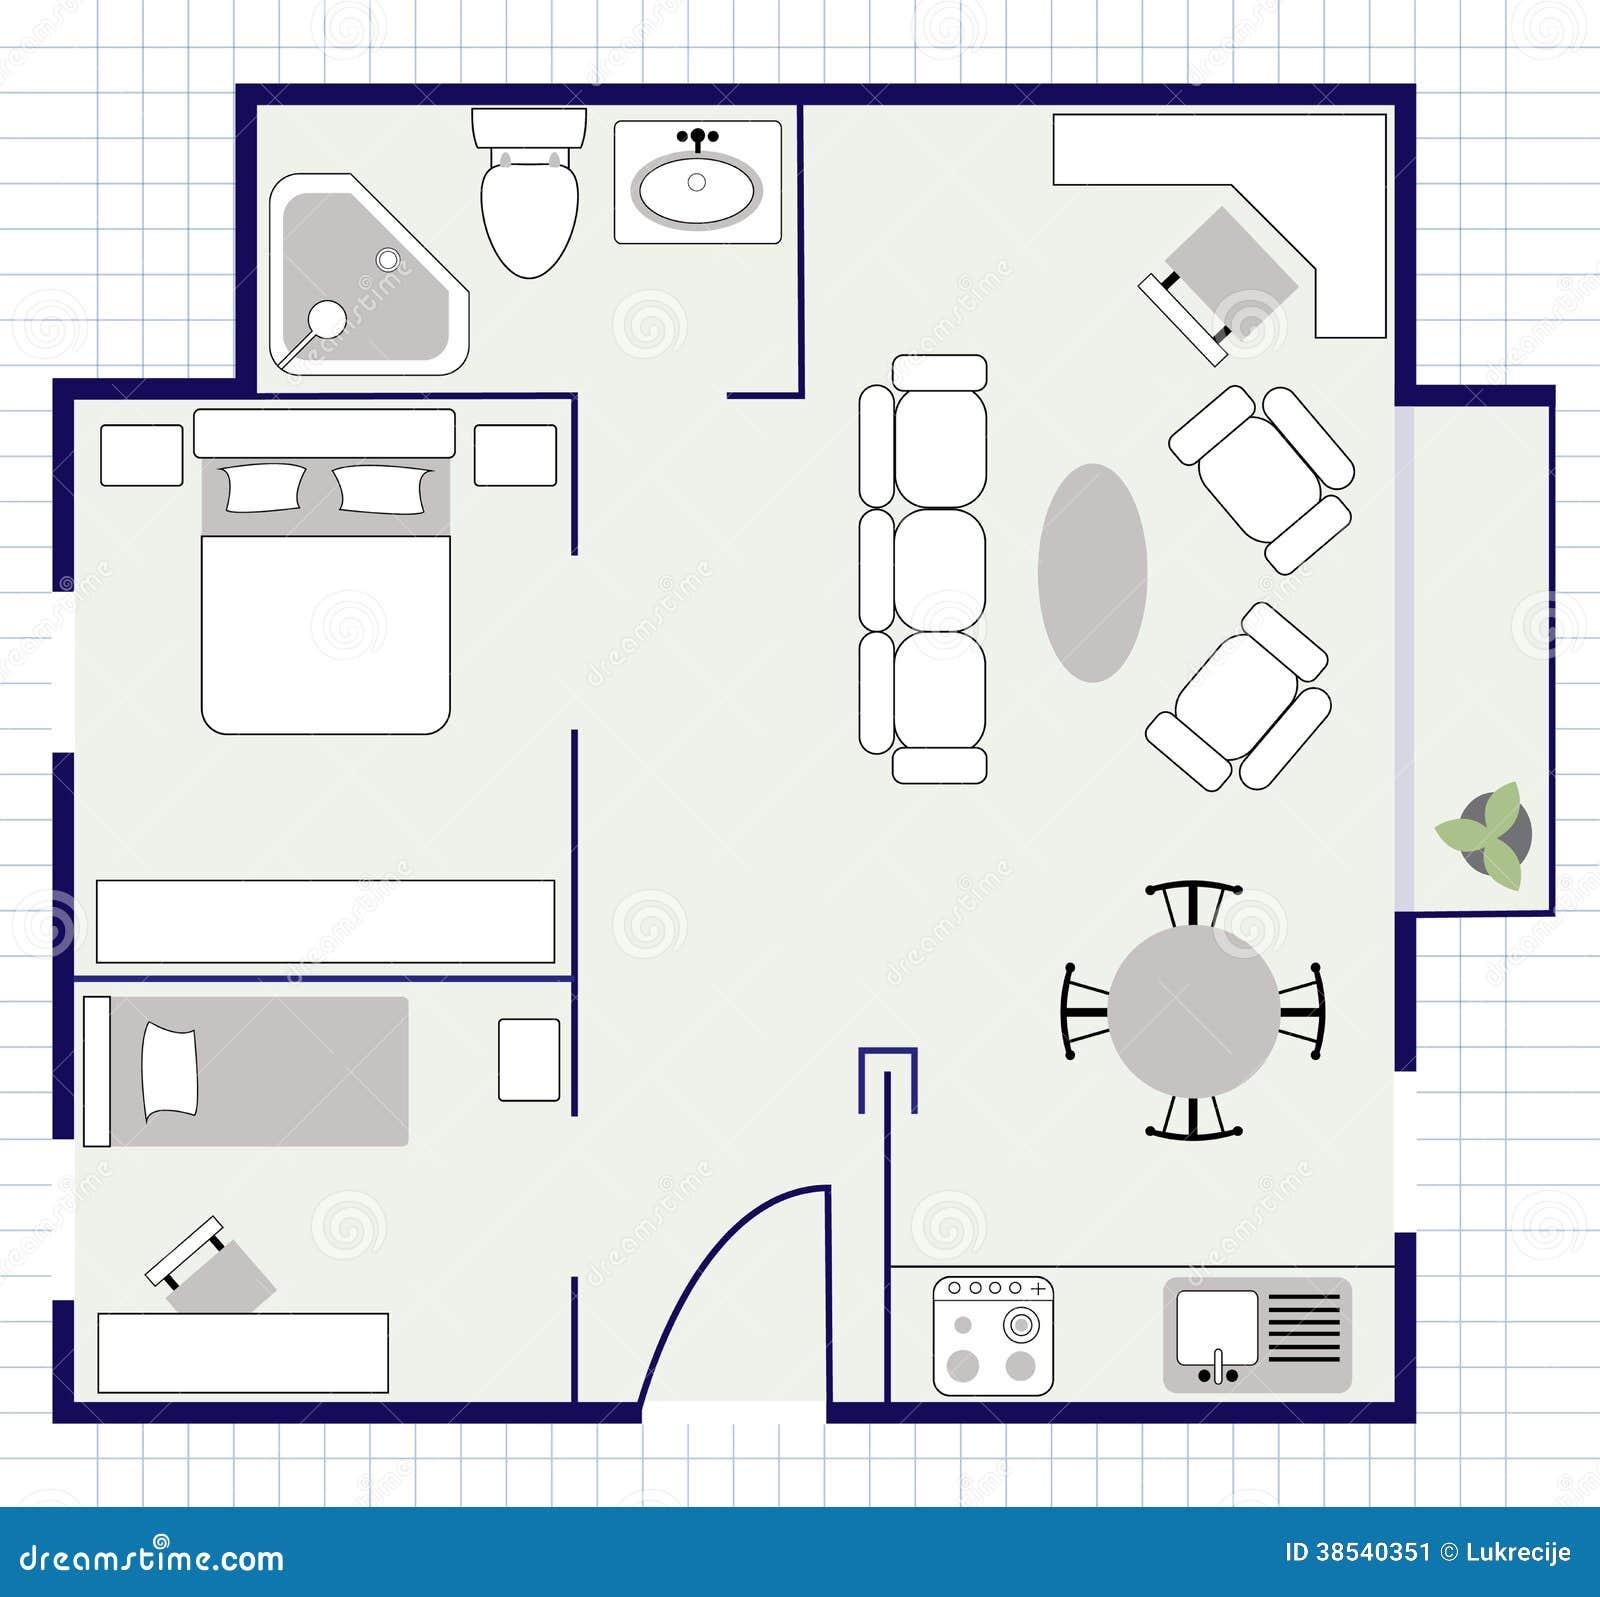 Desenhar Planta Baixa Gratis Planta Baixa De Quarto De Hotel Com Quadro De Fotos Para